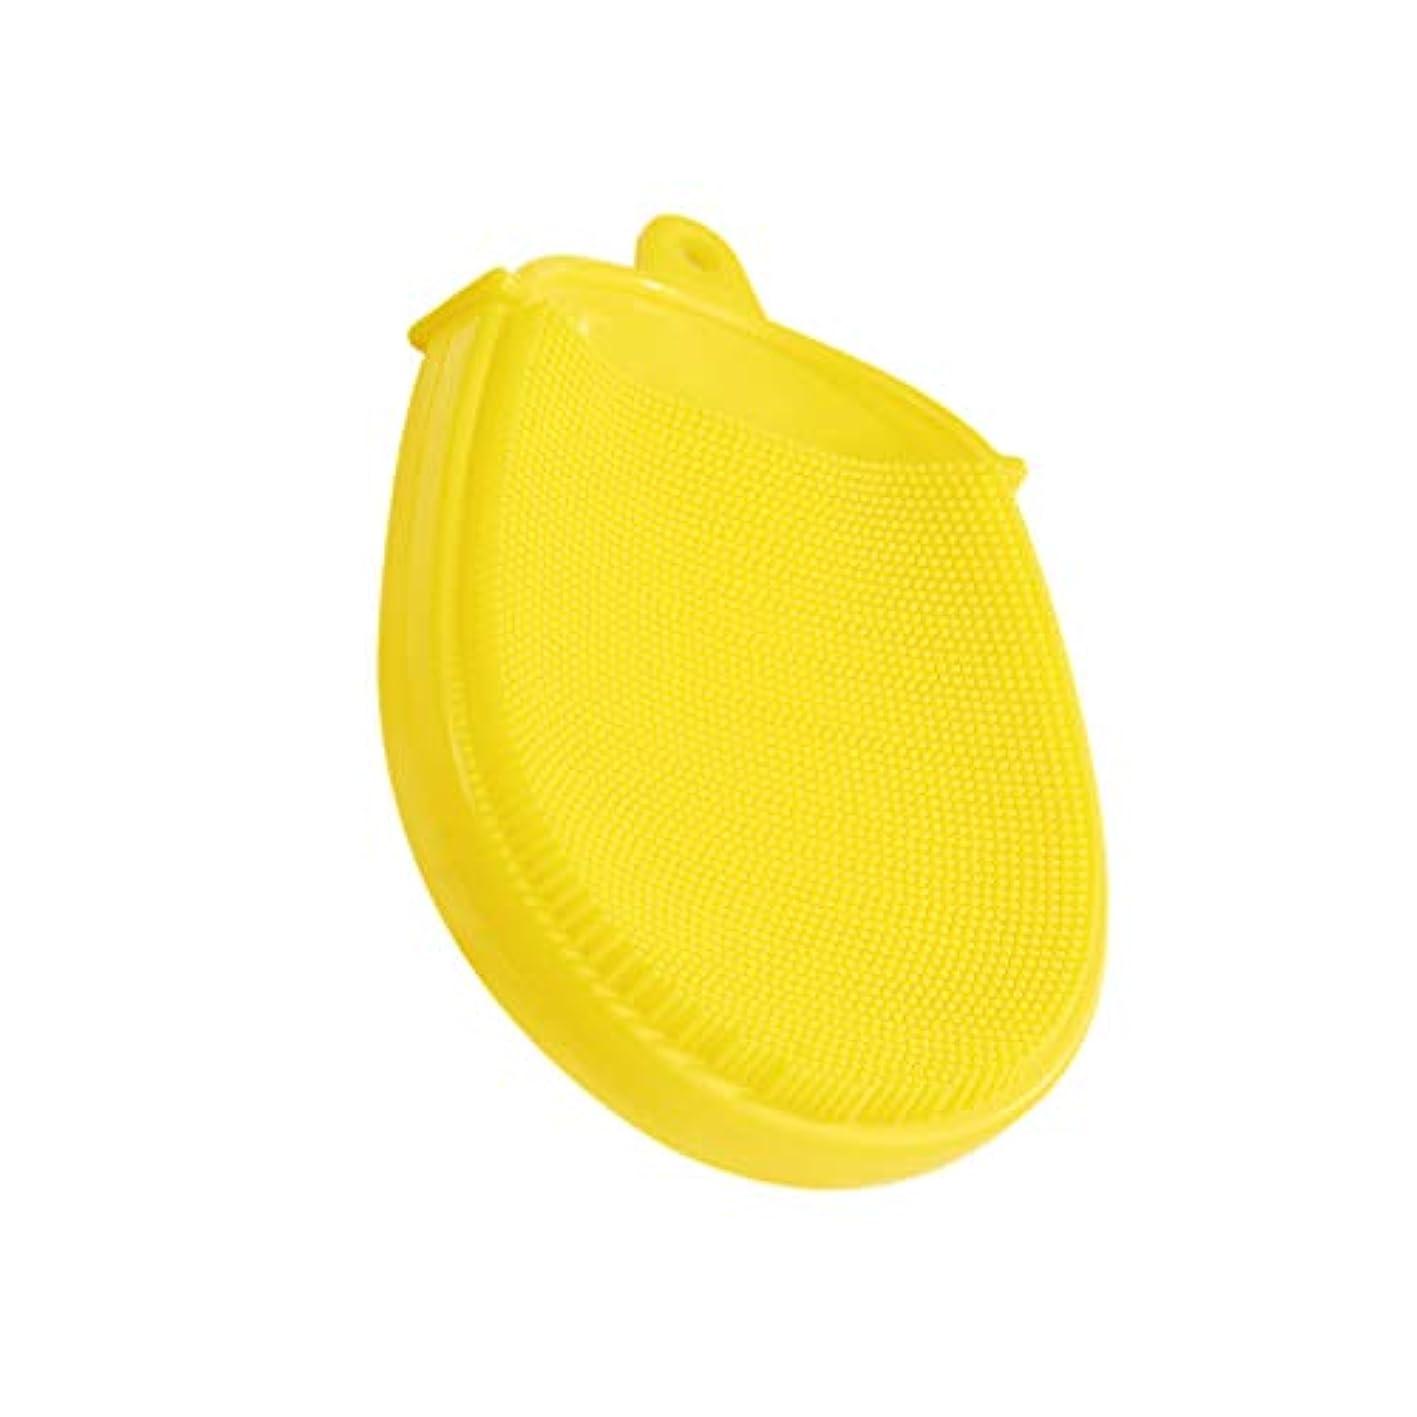 歪めるロバ集中Heallily バスブラシシリコンボディブラシソフトマッサージバックブラシクレンジングスクラバーキッズバスアクセサリー(黄色)